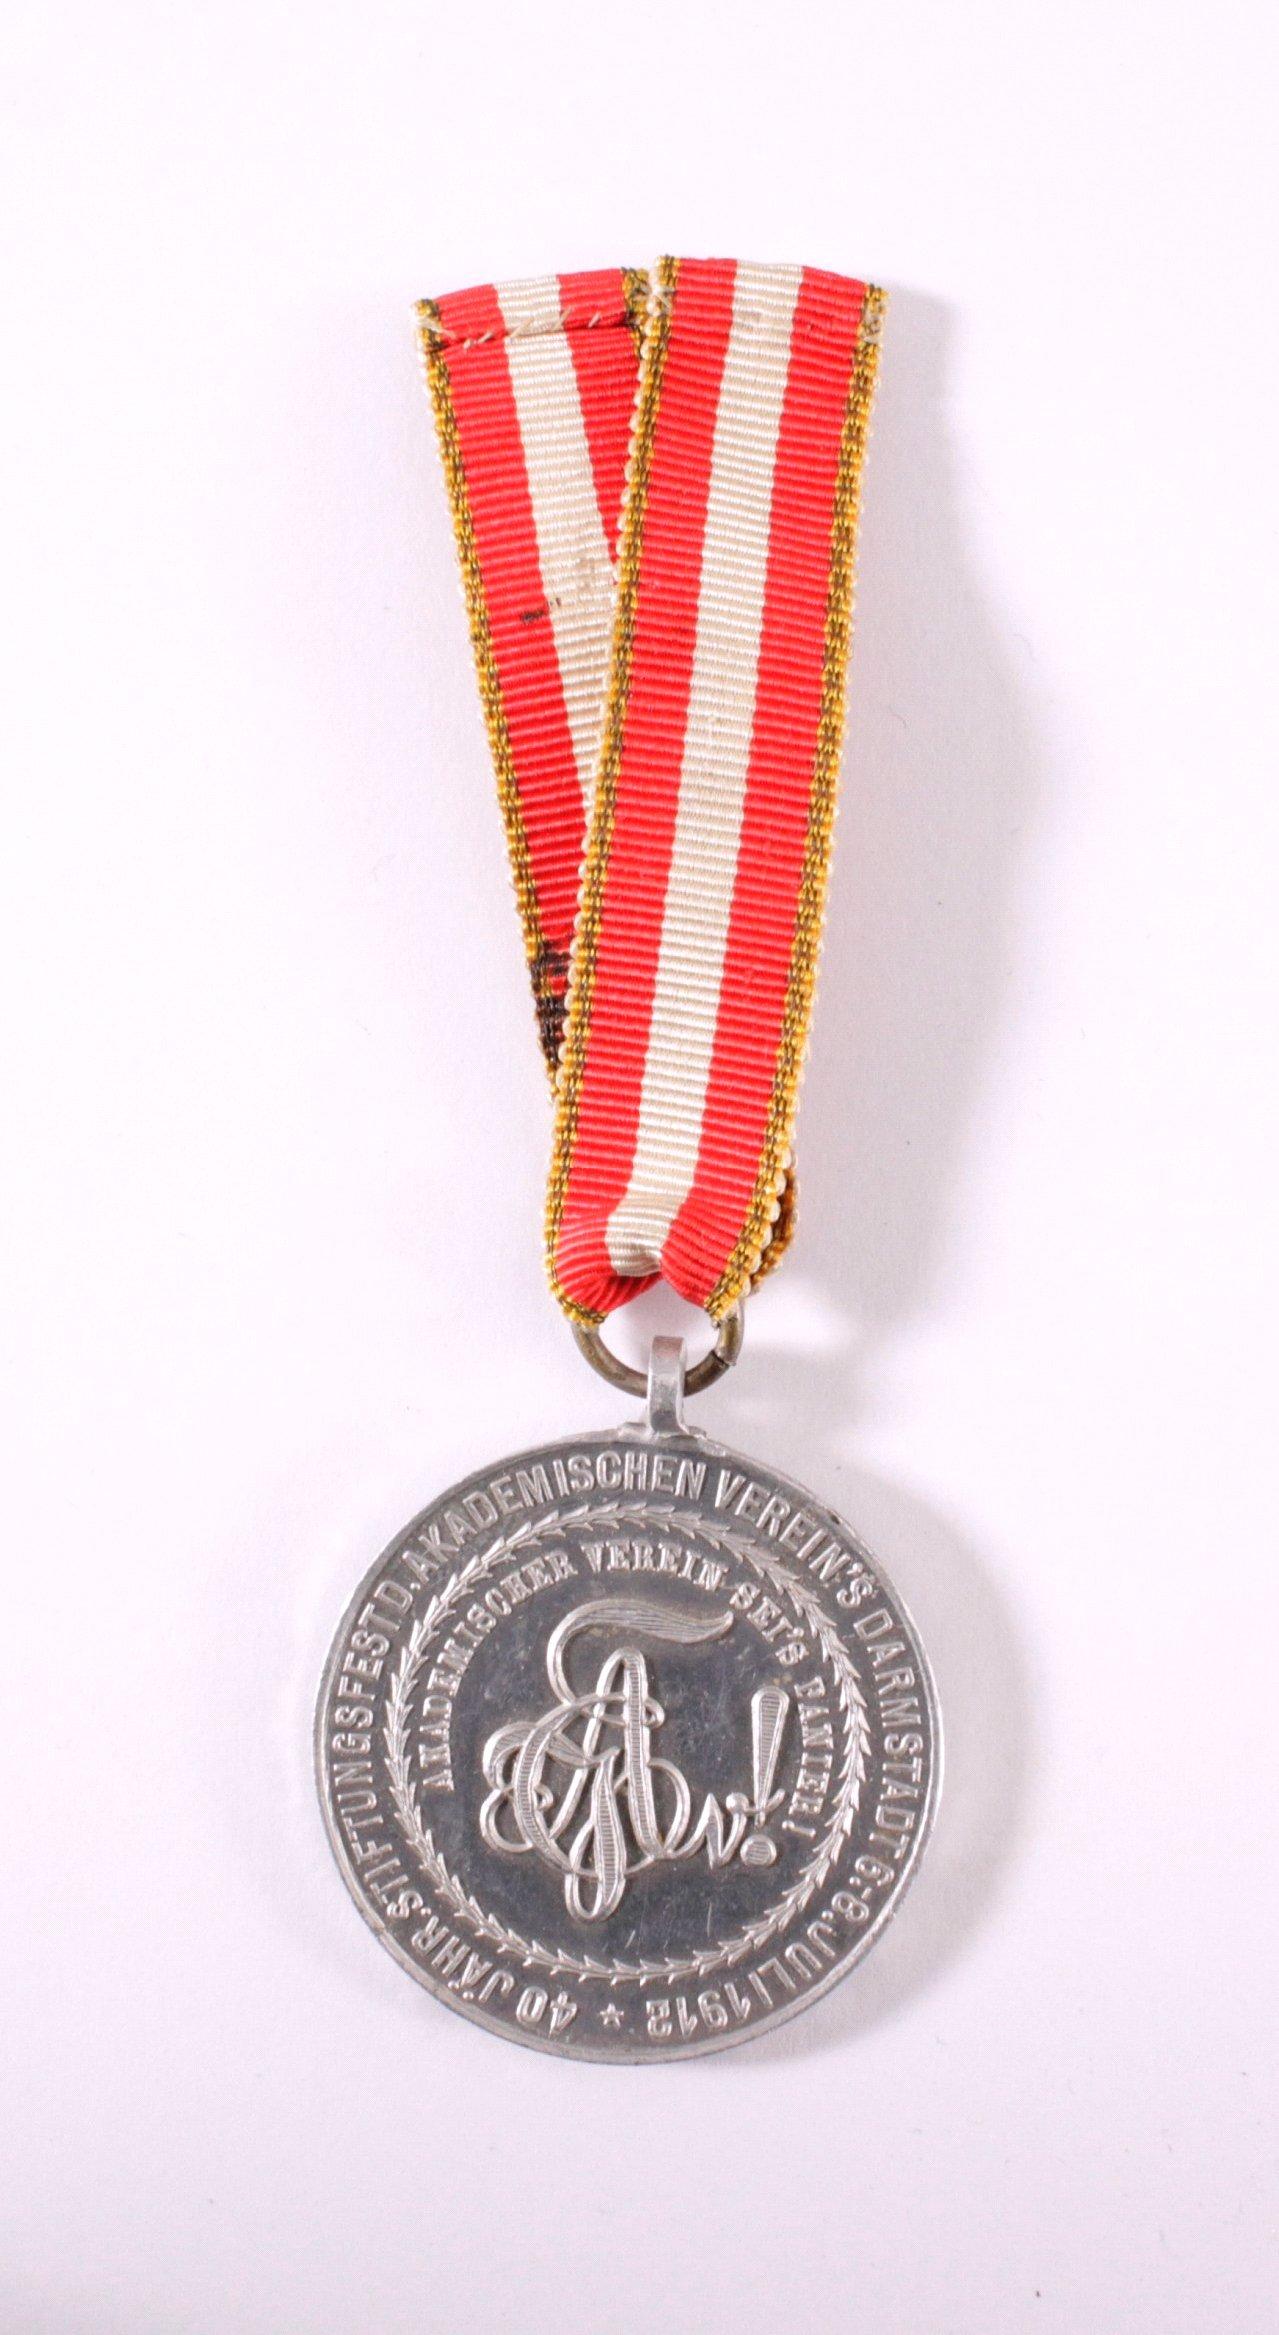 Aluminium Medaille Akademischer Verband Darmstadt 1912-1